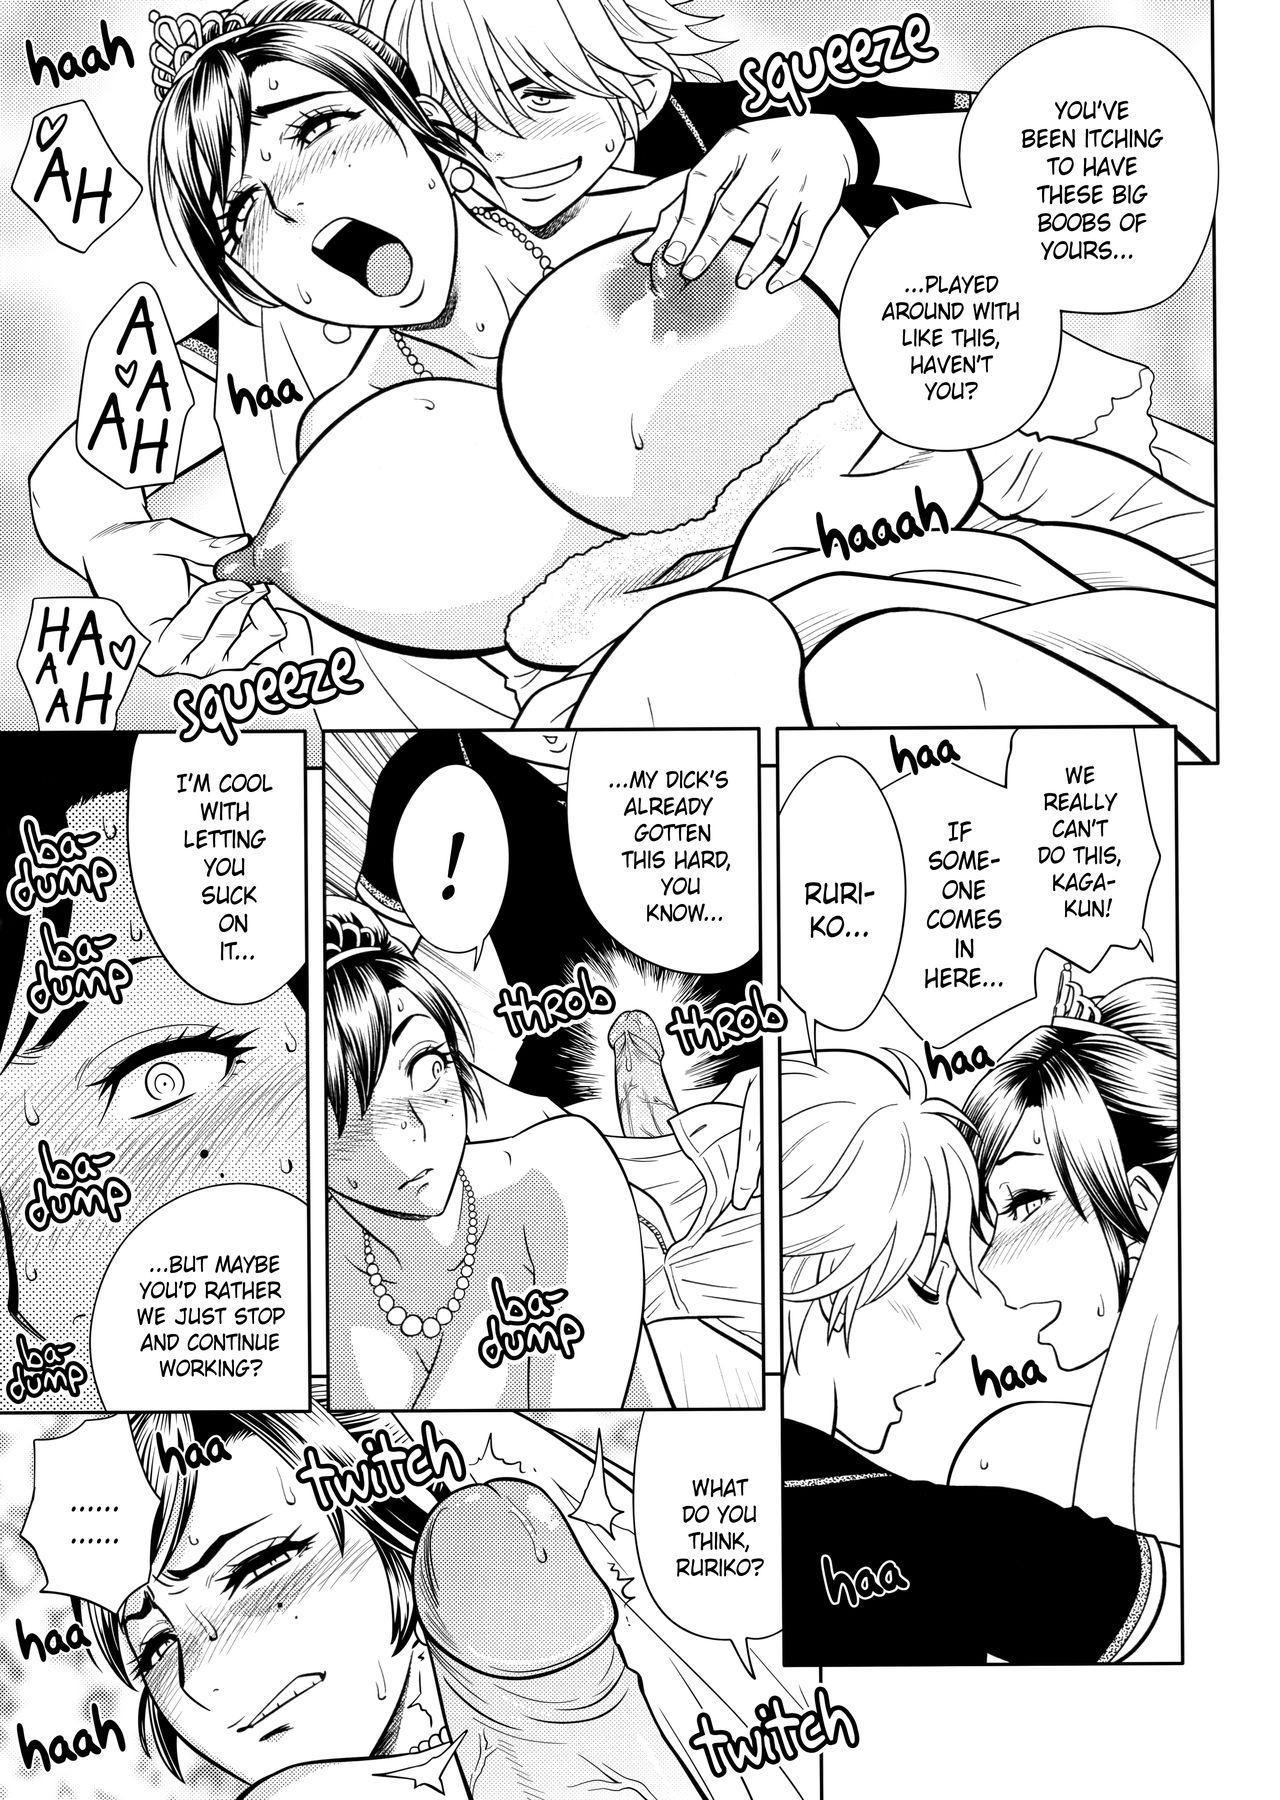 [Tatsunami Youtoku, Yamazaki Masato] Bijin Henshuu-chou no Himitsu | Beautiful Editor-in-Chief's Secret Ch. 1-7 [English] [Forbiddenfetish77, Red Vodka, Crystalium, CEDR777] [Decensored] 90